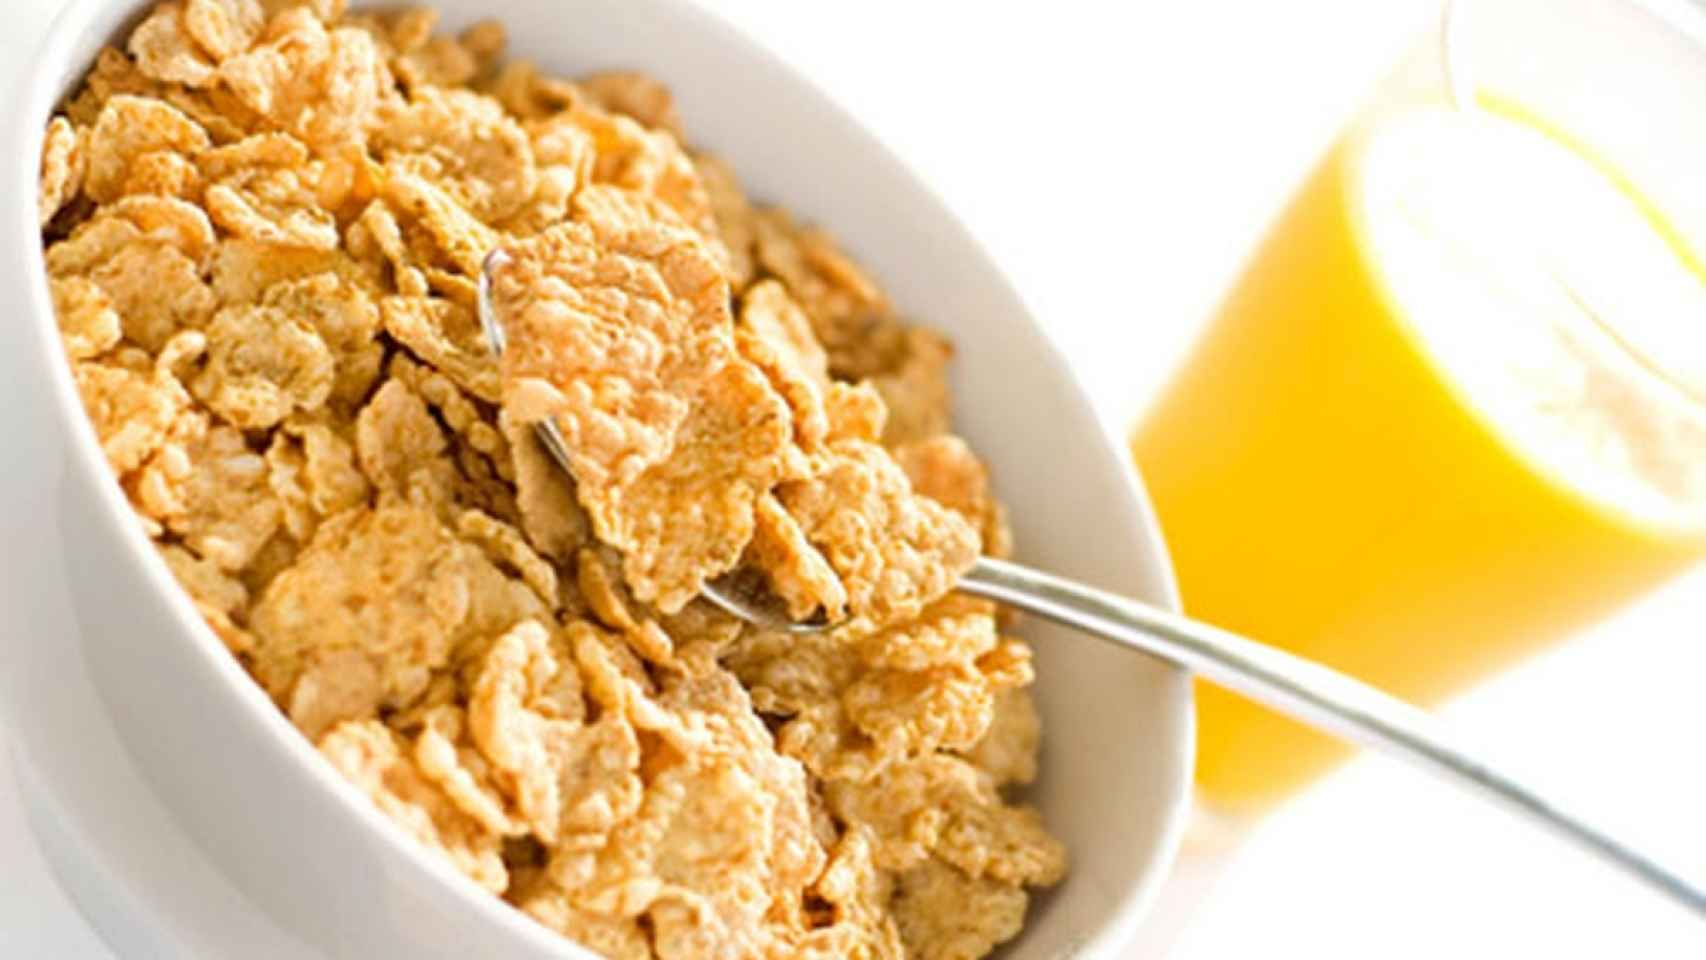 Un tazón lleno de cereales junto a un vaso de zumo.